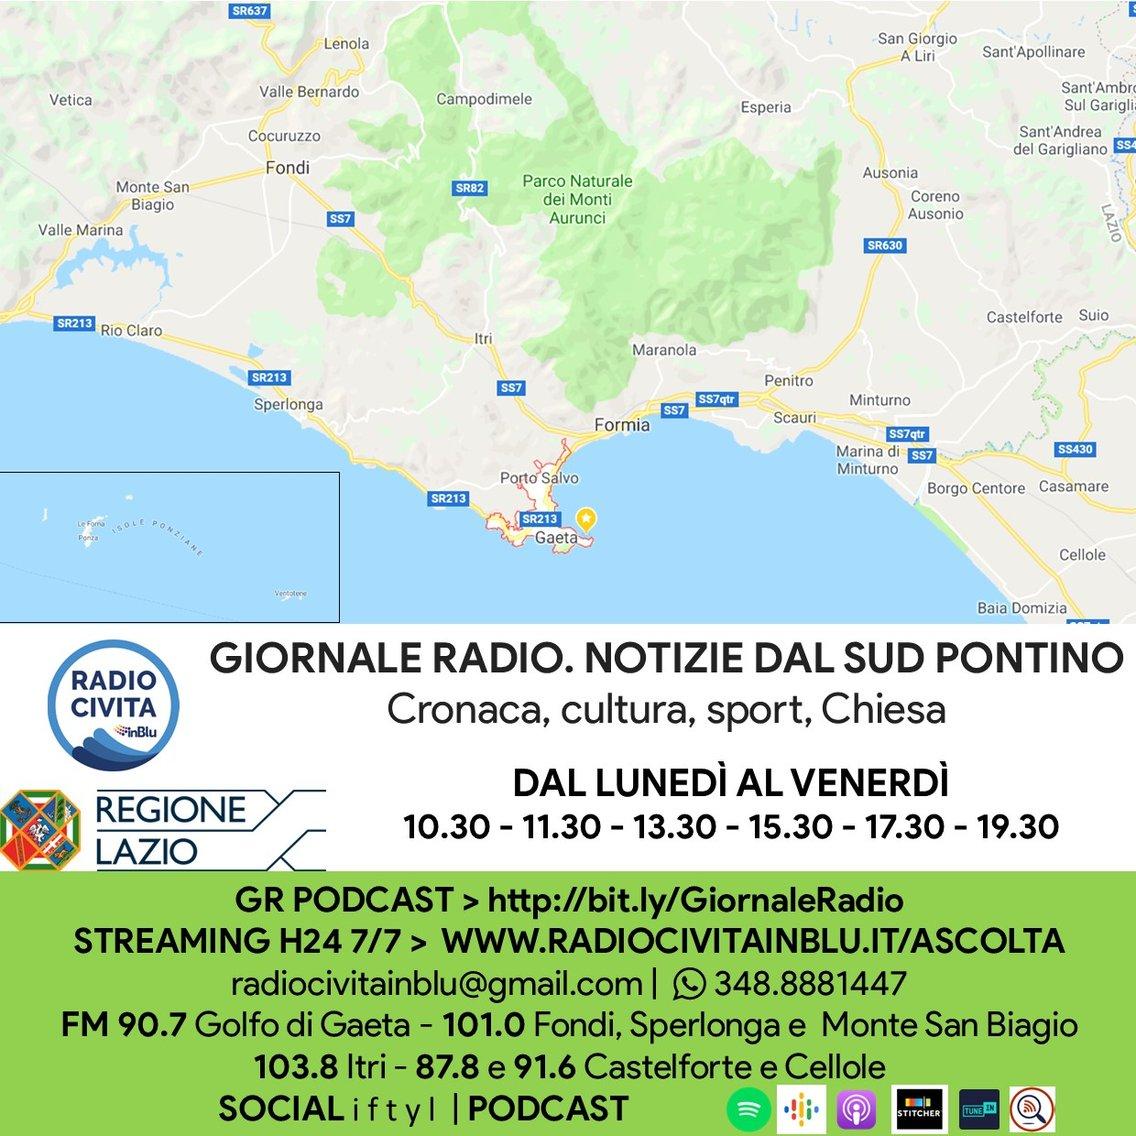 Notizie dal Lazio sud 2019 - Cover Image